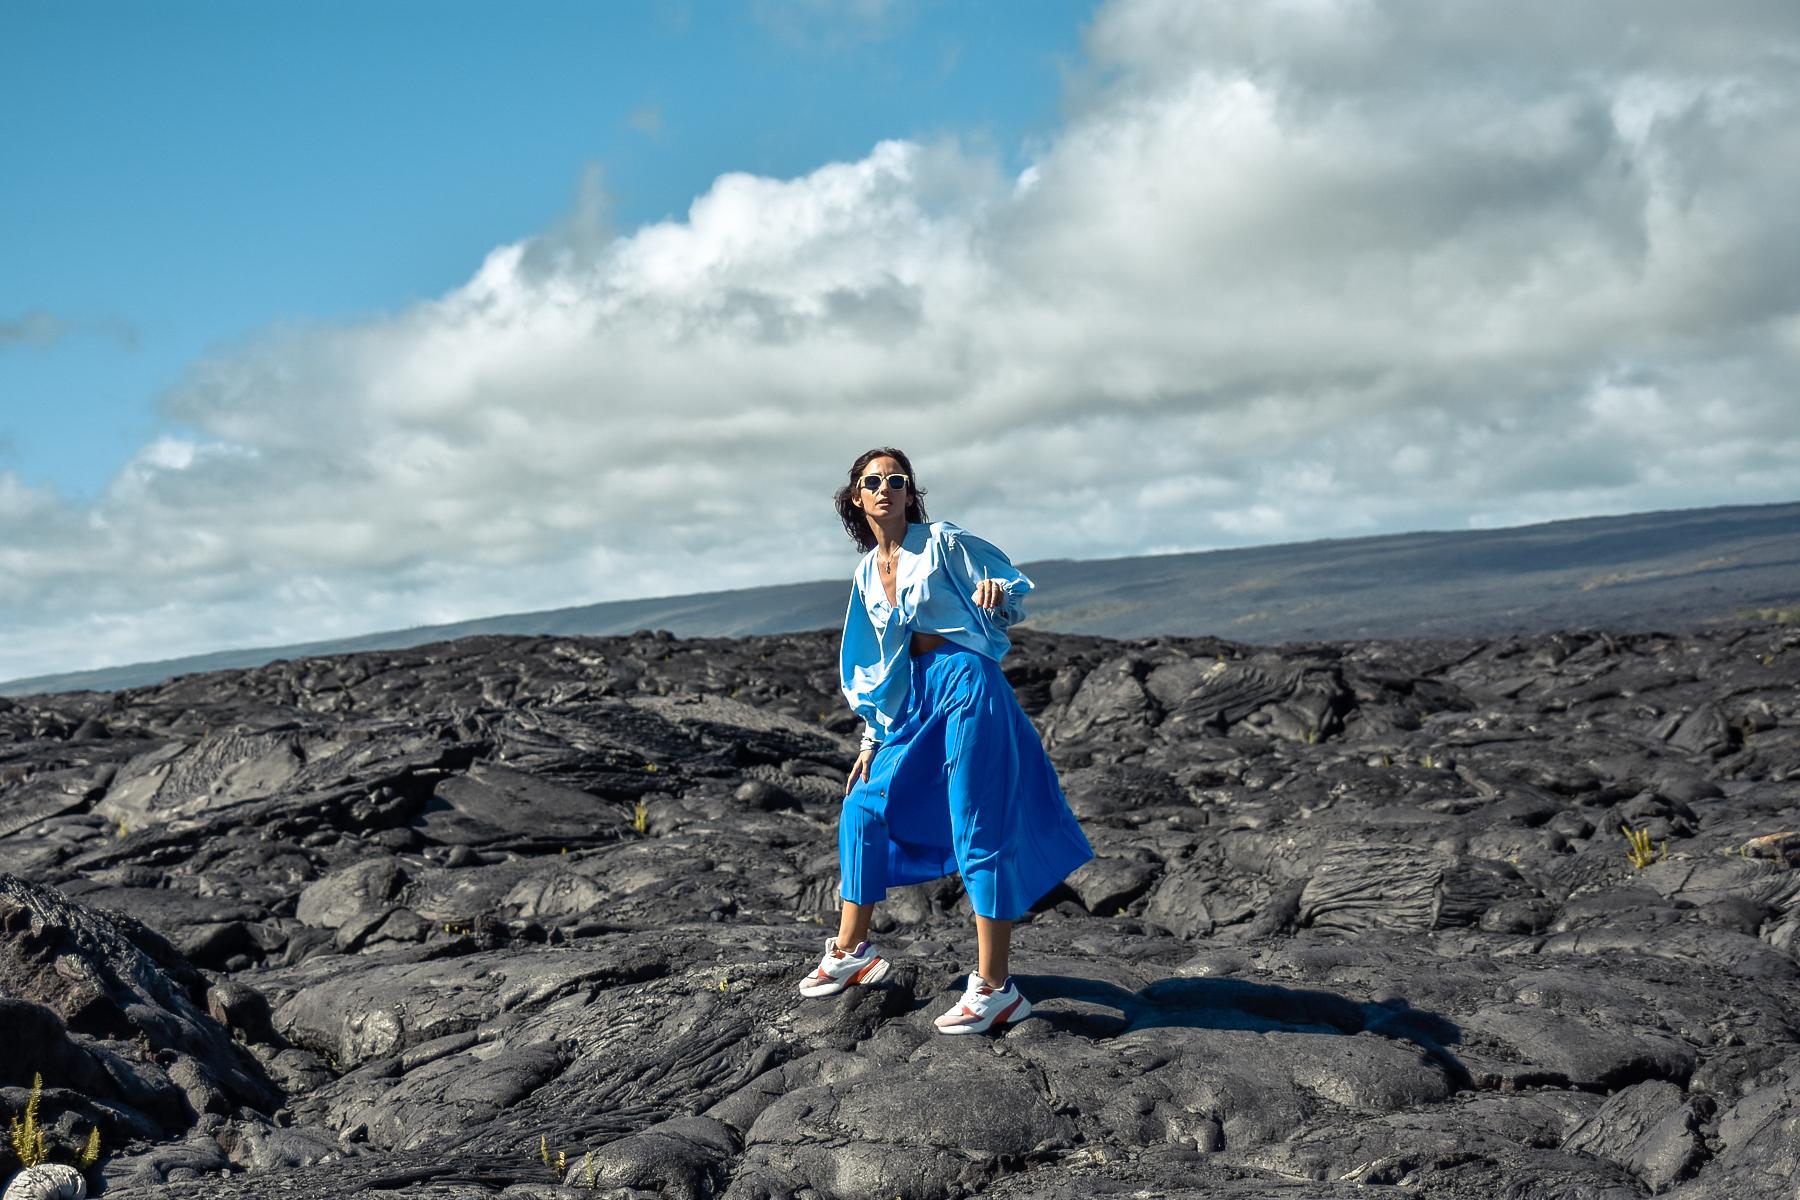 el-blog-de-silvia-blusa-azul-viaje-hawaii-13